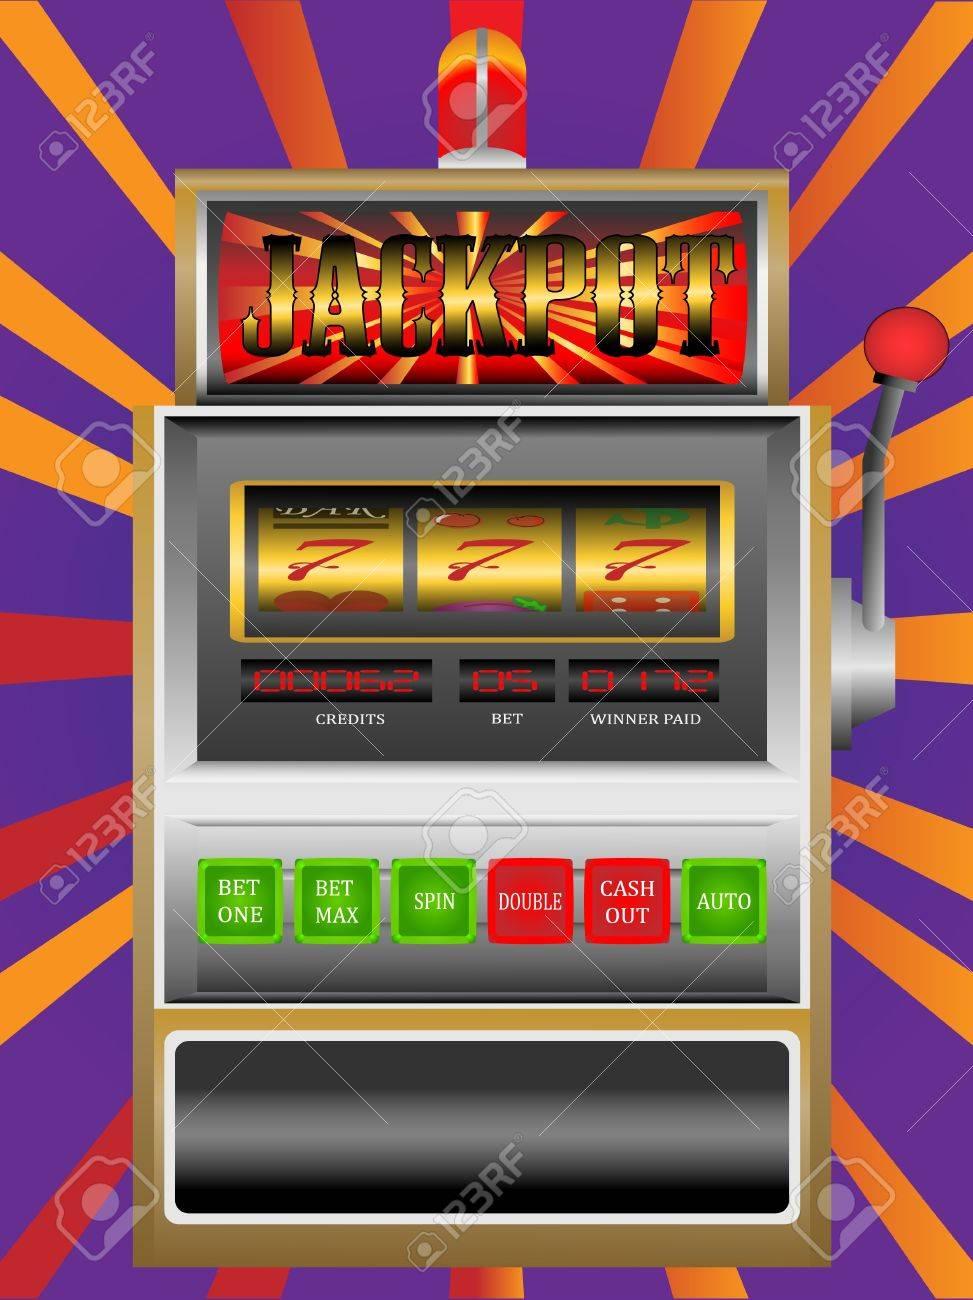 casino slot machine Stock Vector - 12425984